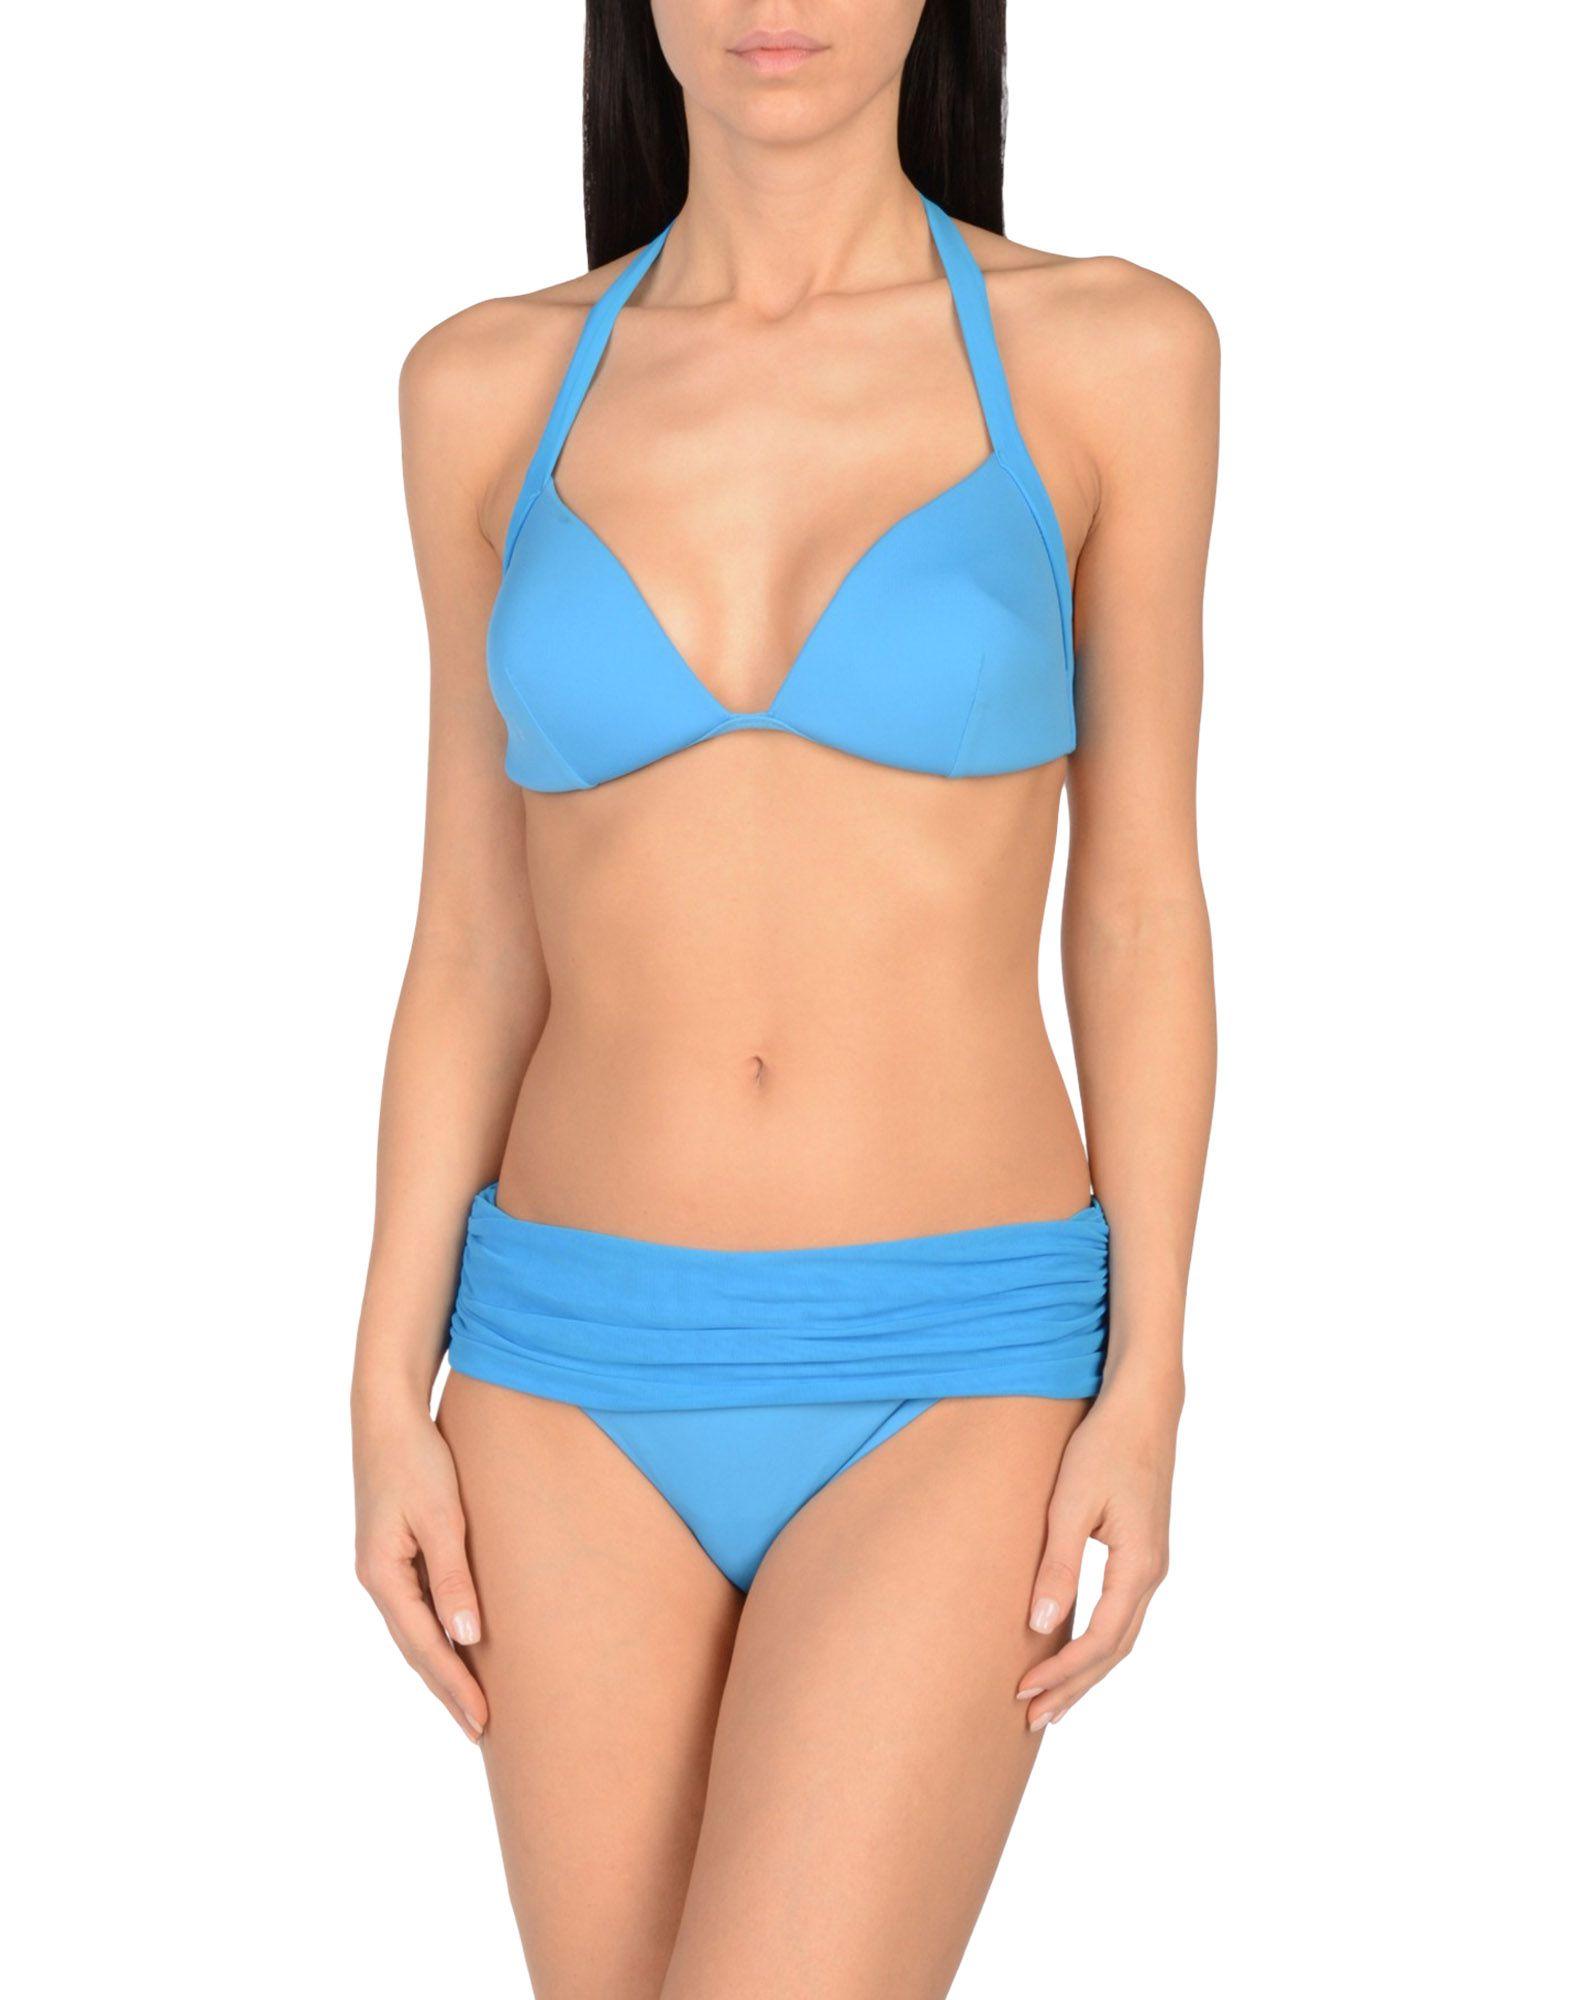 Bikini Fisico Donna - Acquista online su uuO8AH